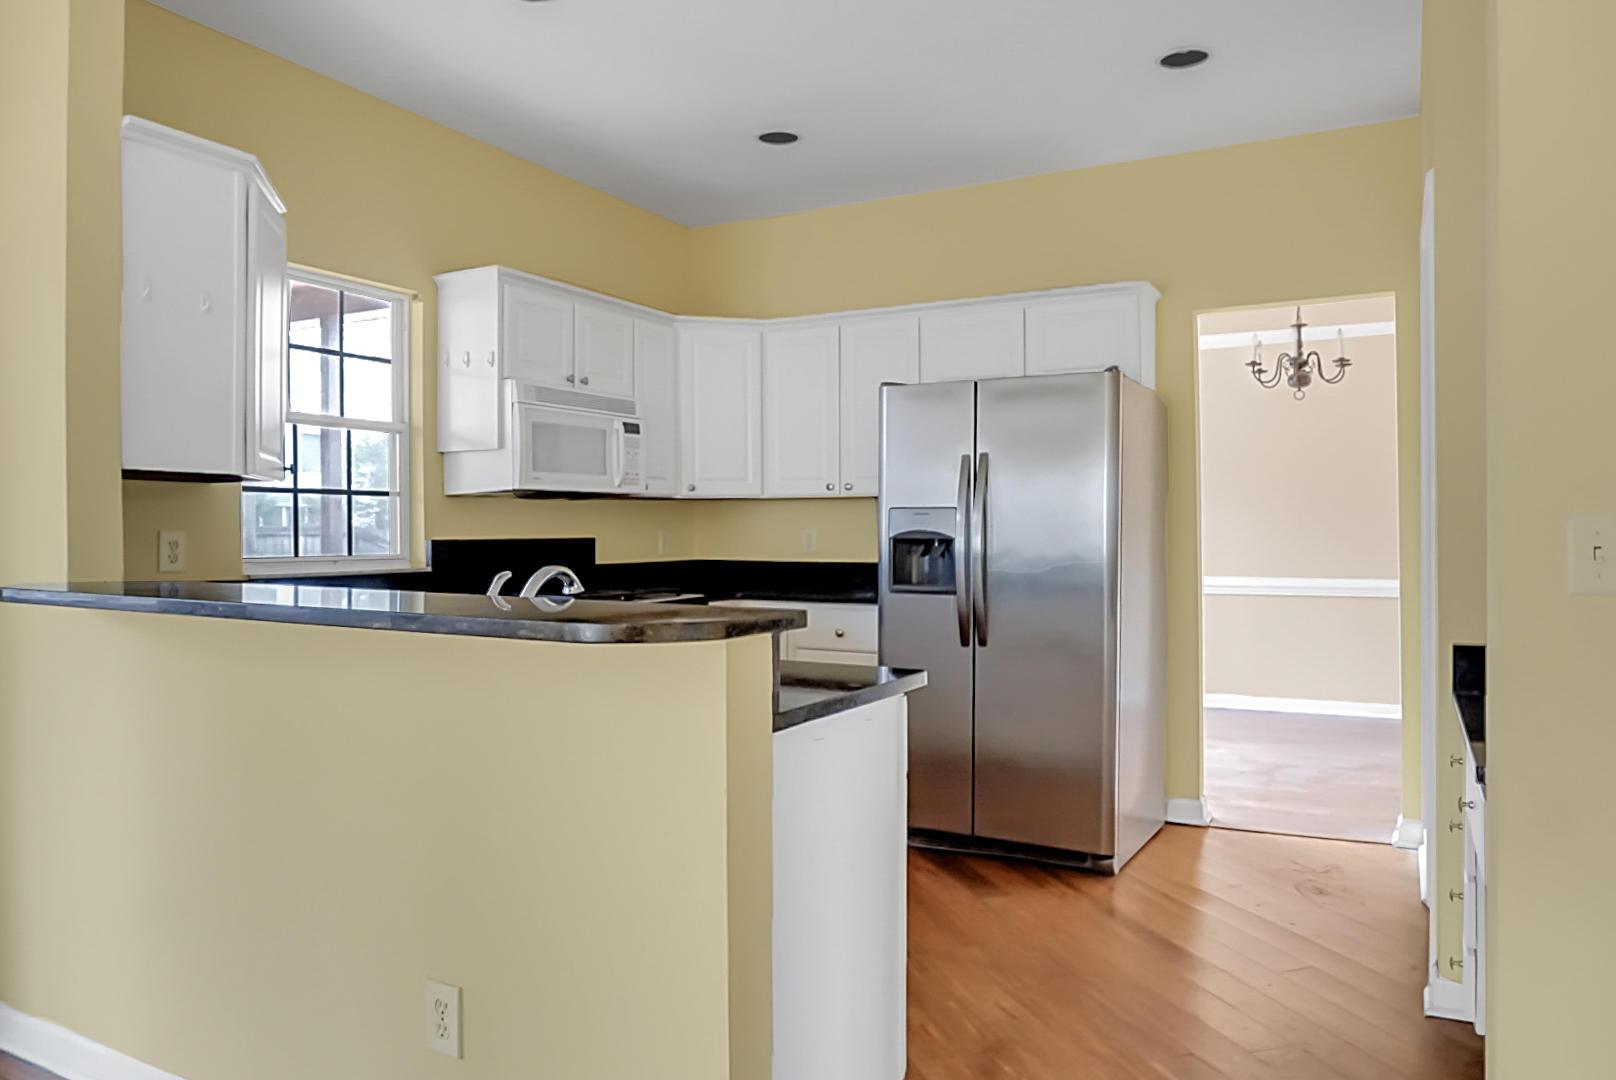 Dunes West Homes For Sale - 3209 Carmel Bay, Mount Pleasant, SC - 22